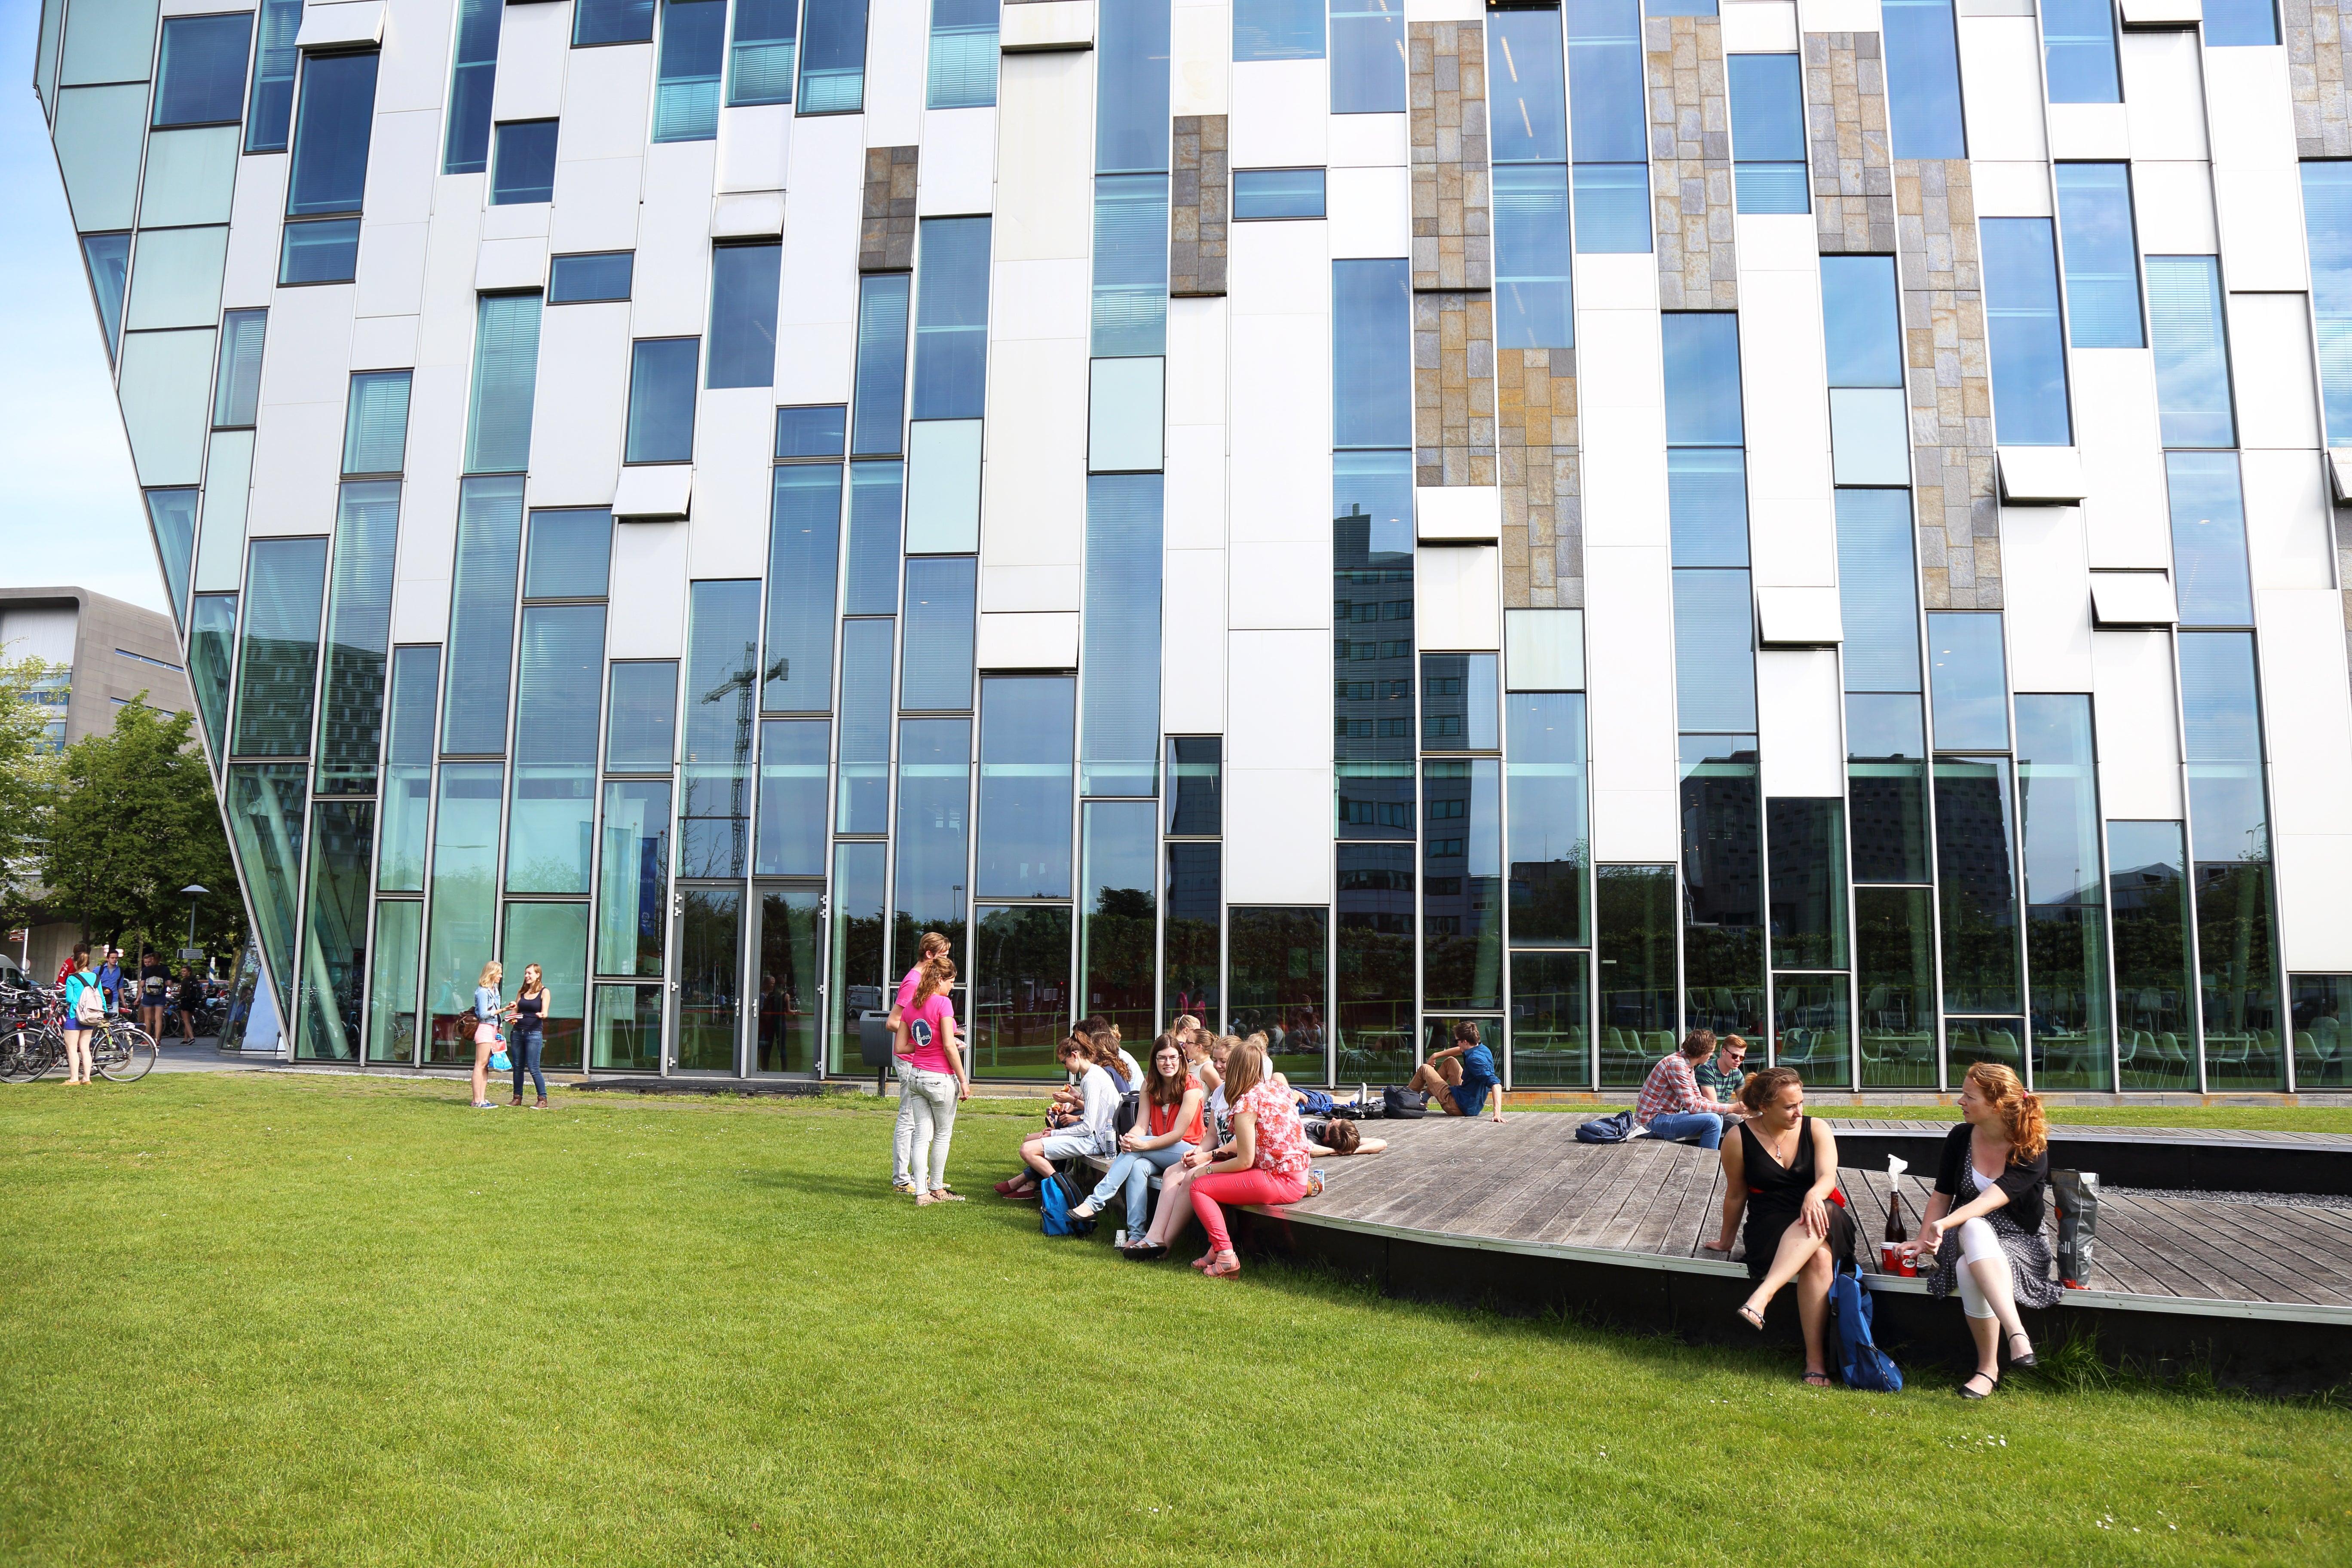 Gebouw van de geneeskunde opleiding, op voorgrond zitten studenten op terras